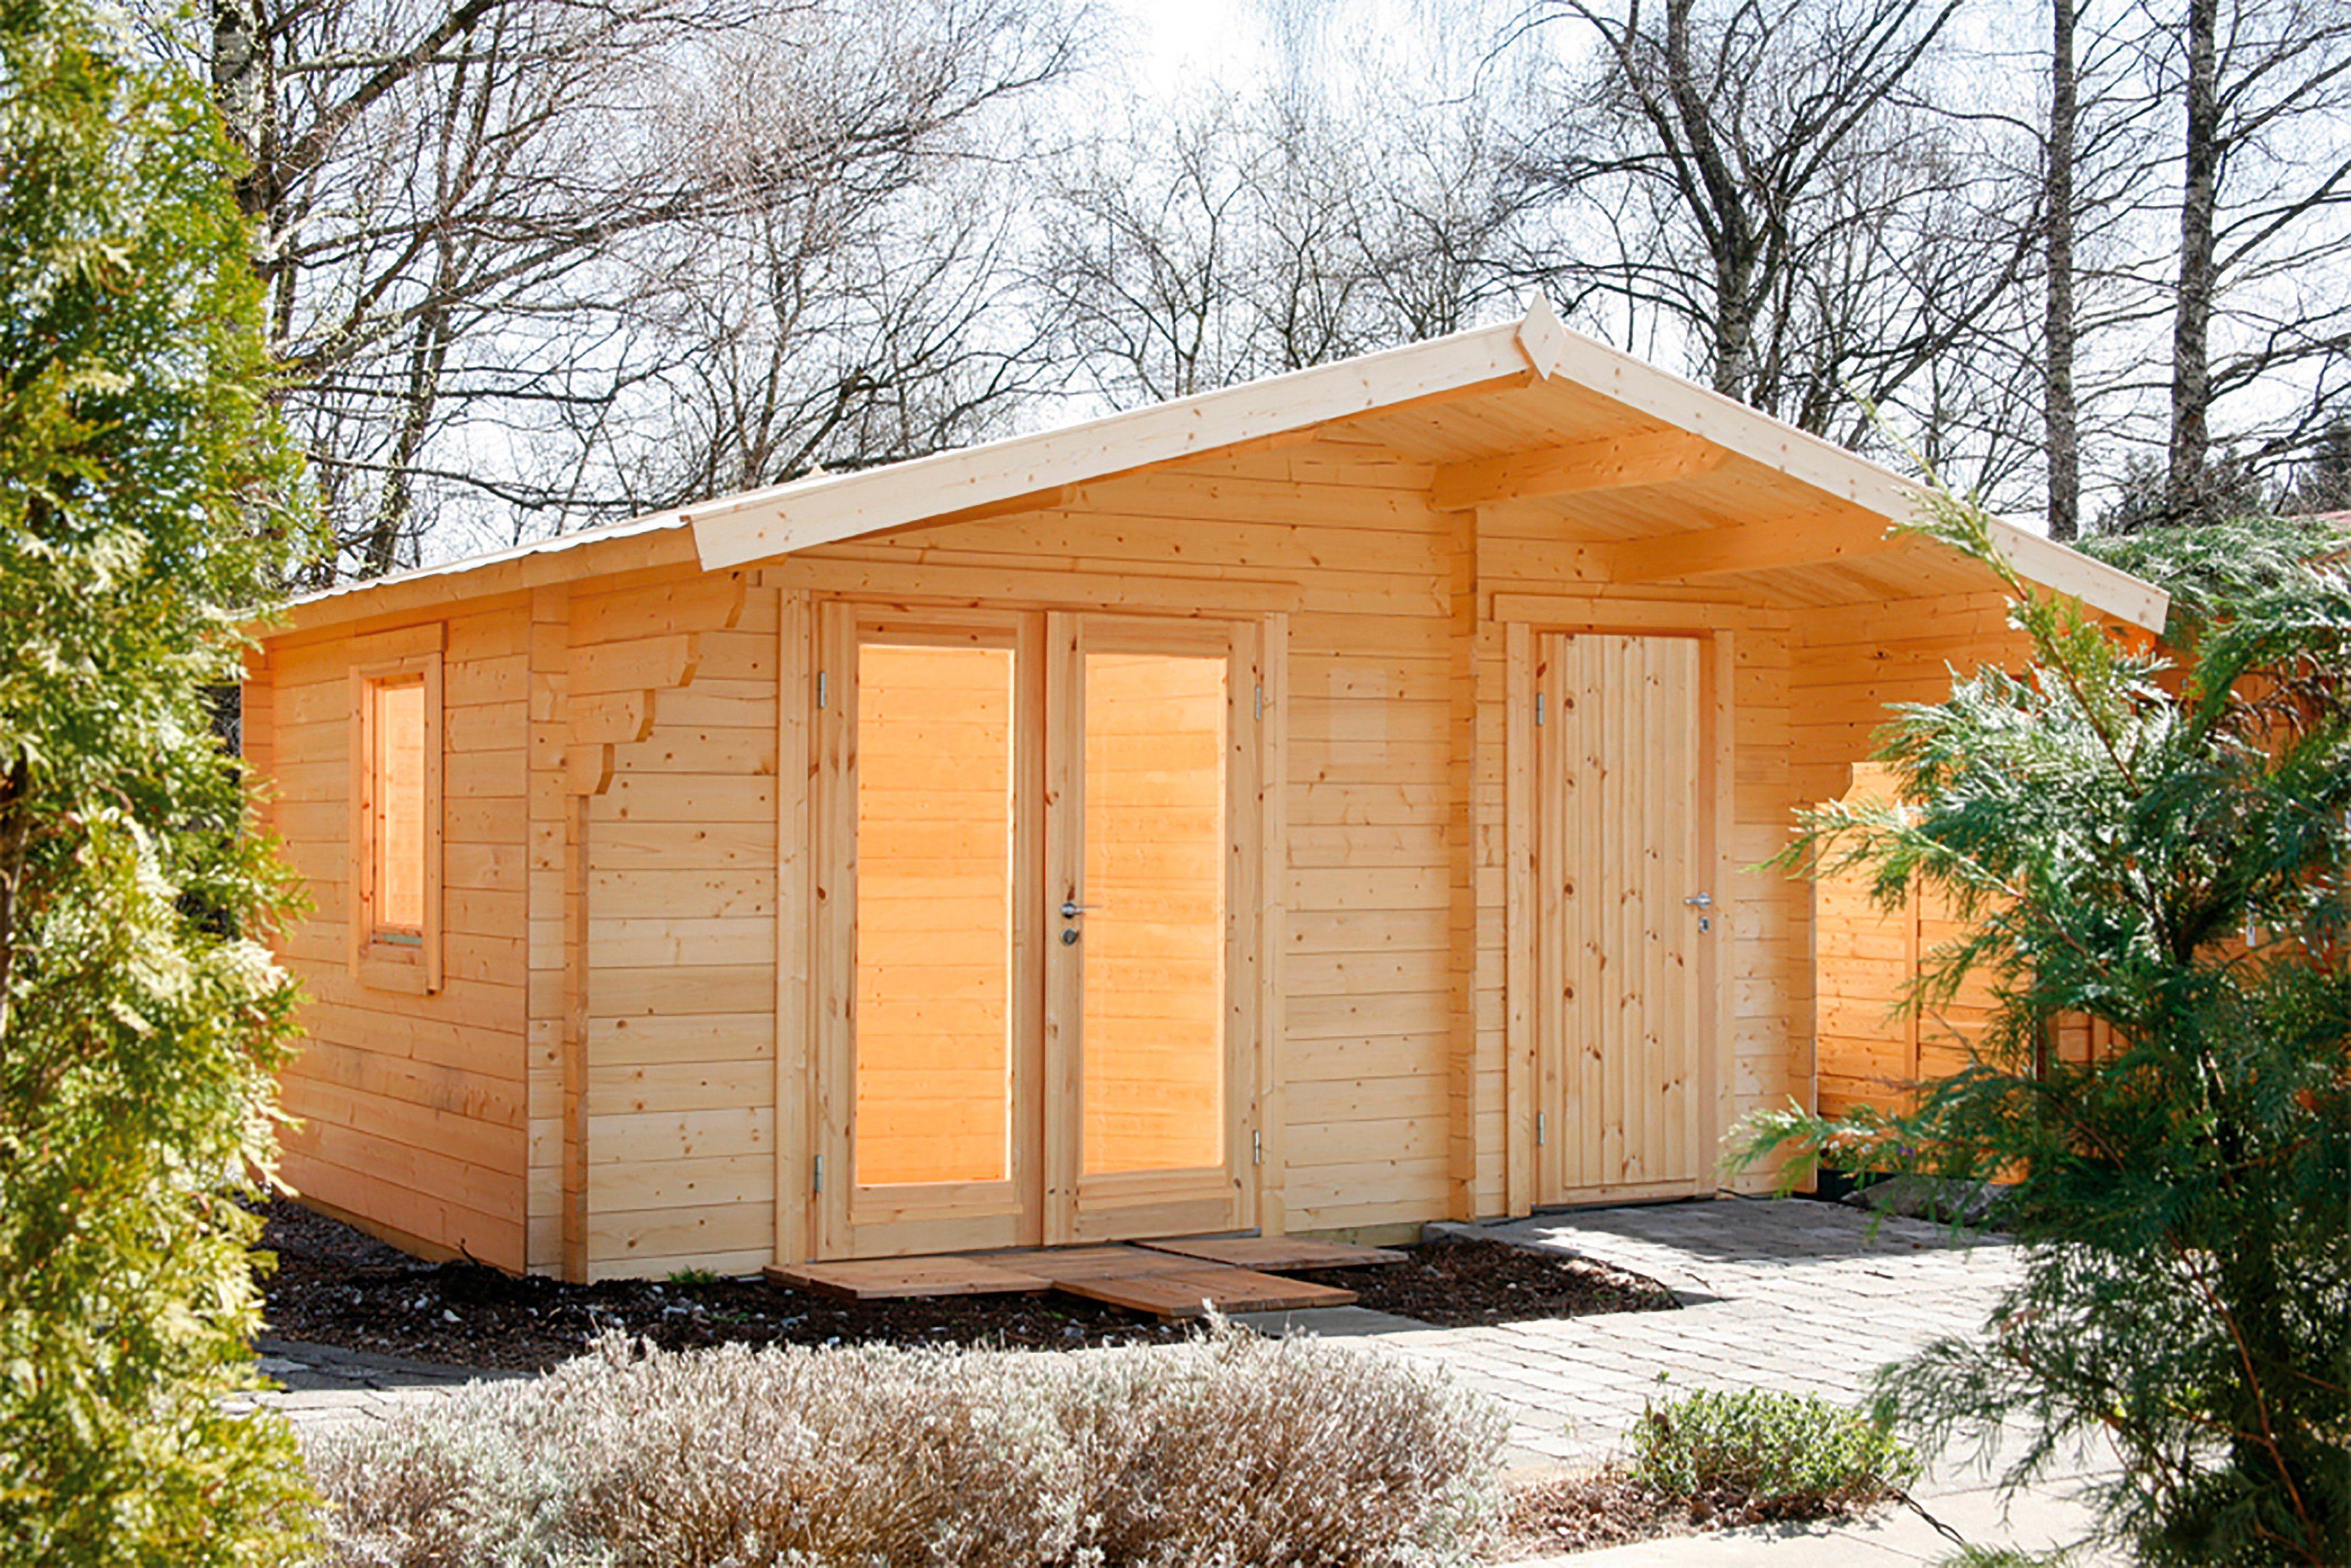 WOLFF Gartenhaus »Caro 34 Modern XL«, BxT: 486x460 cm, inkl. Fußboden, mit 2 Räumen